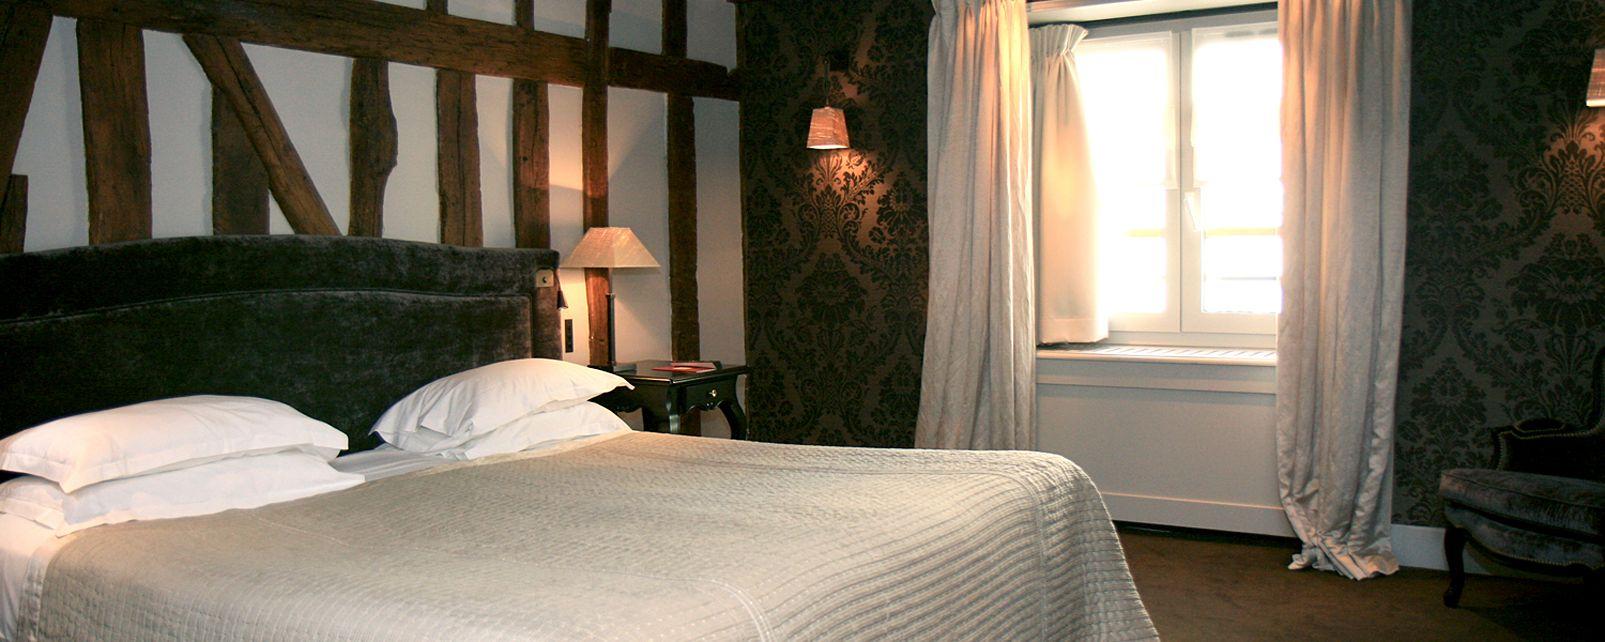 Hotel Pavillon De La Reine Paris